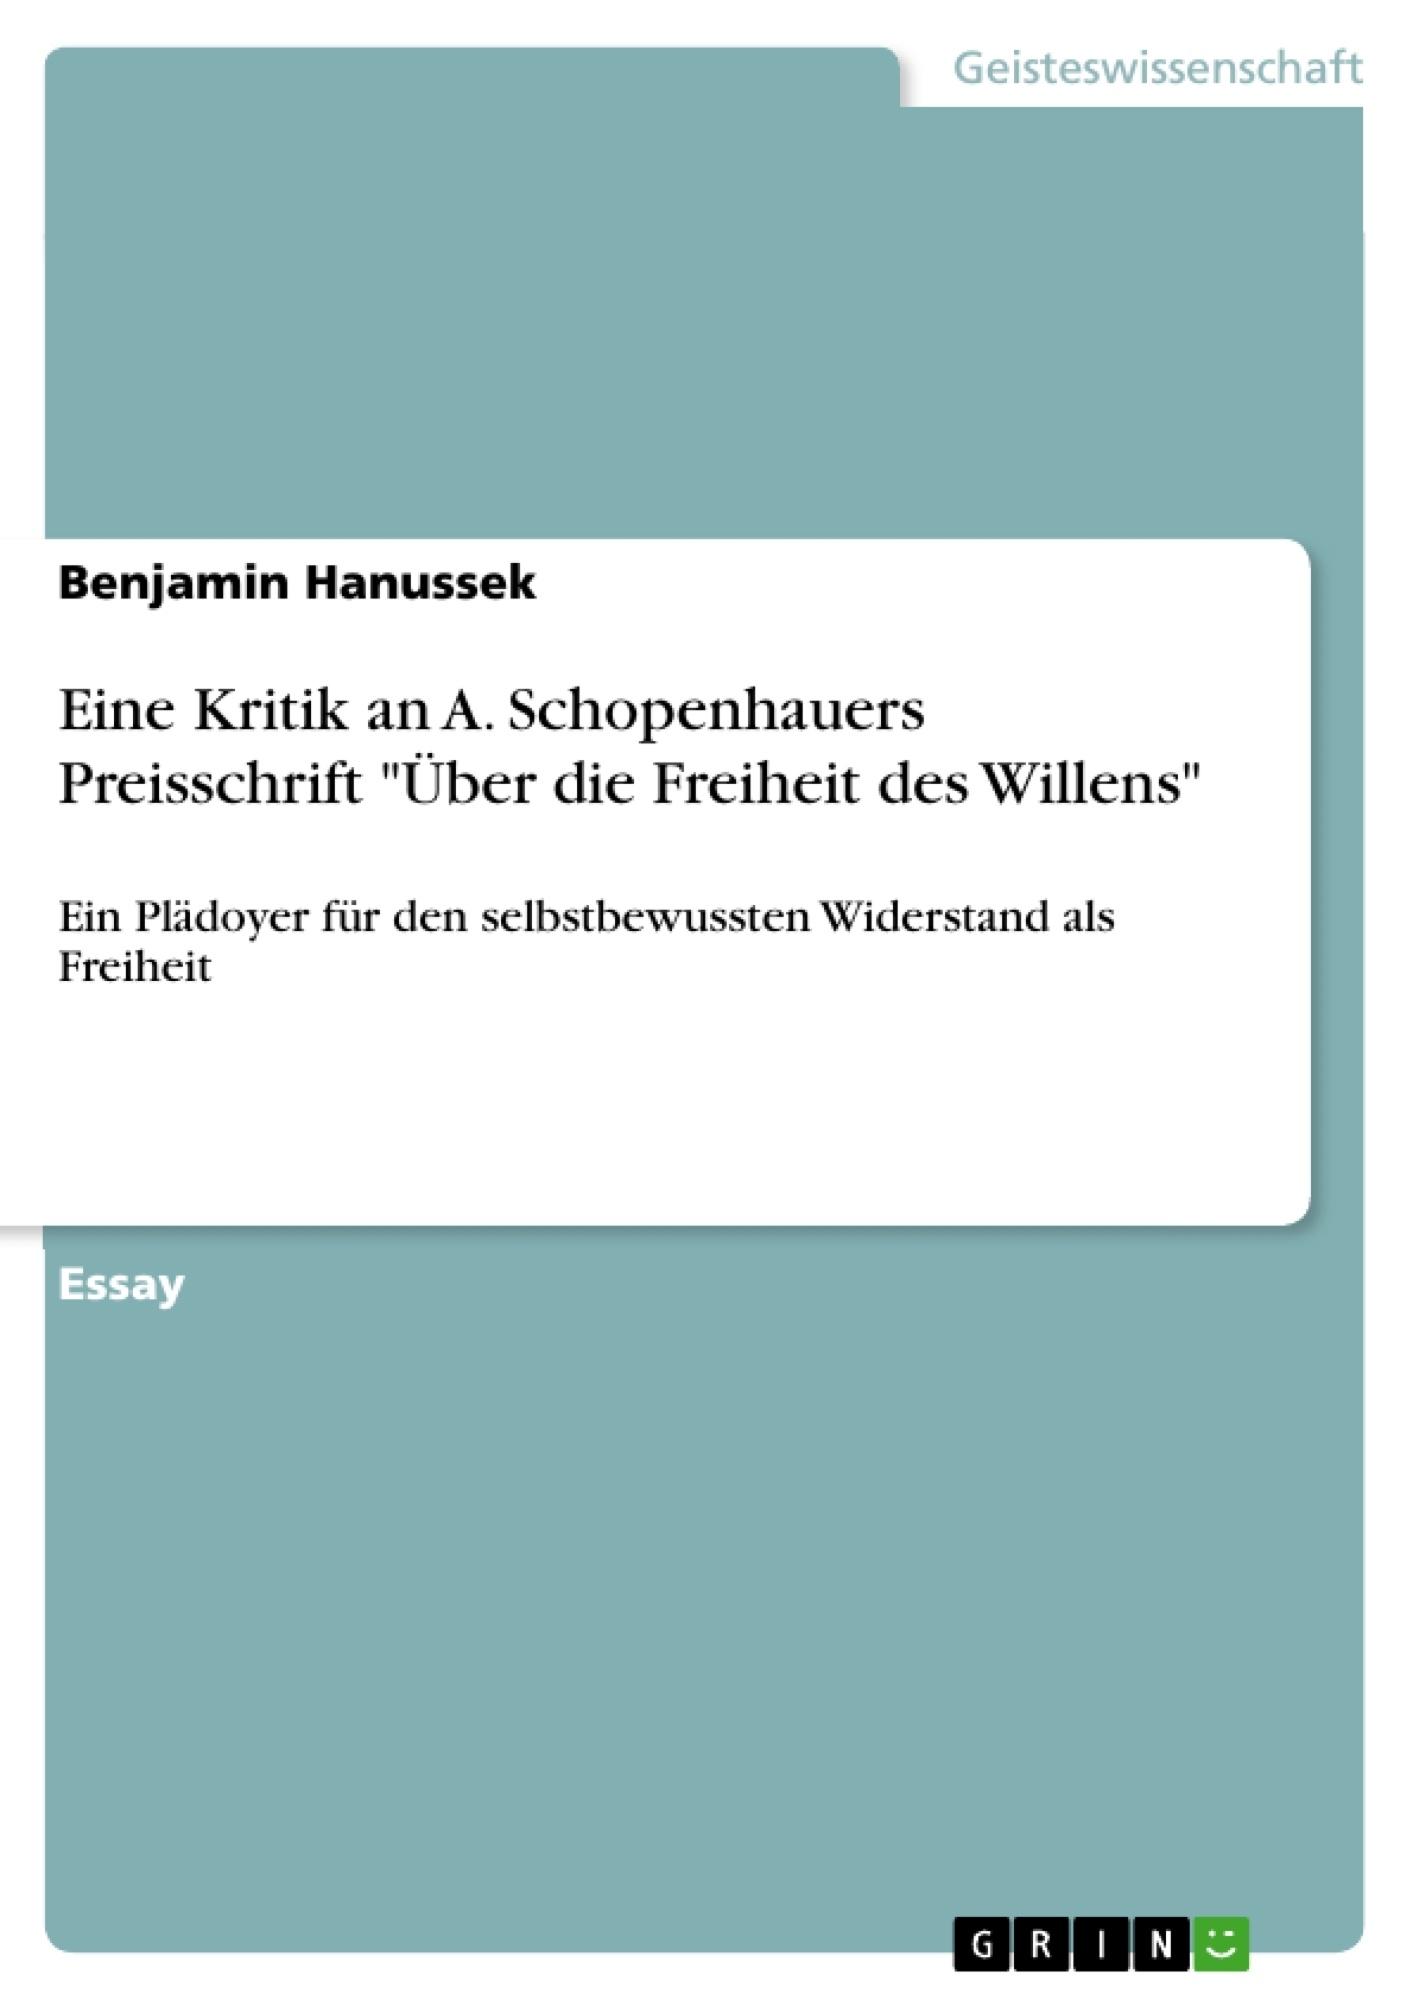 """Titel: Eine Kritik an A. Schopenhauers Preisschrift """"Über die Freiheit des Willens"""""""